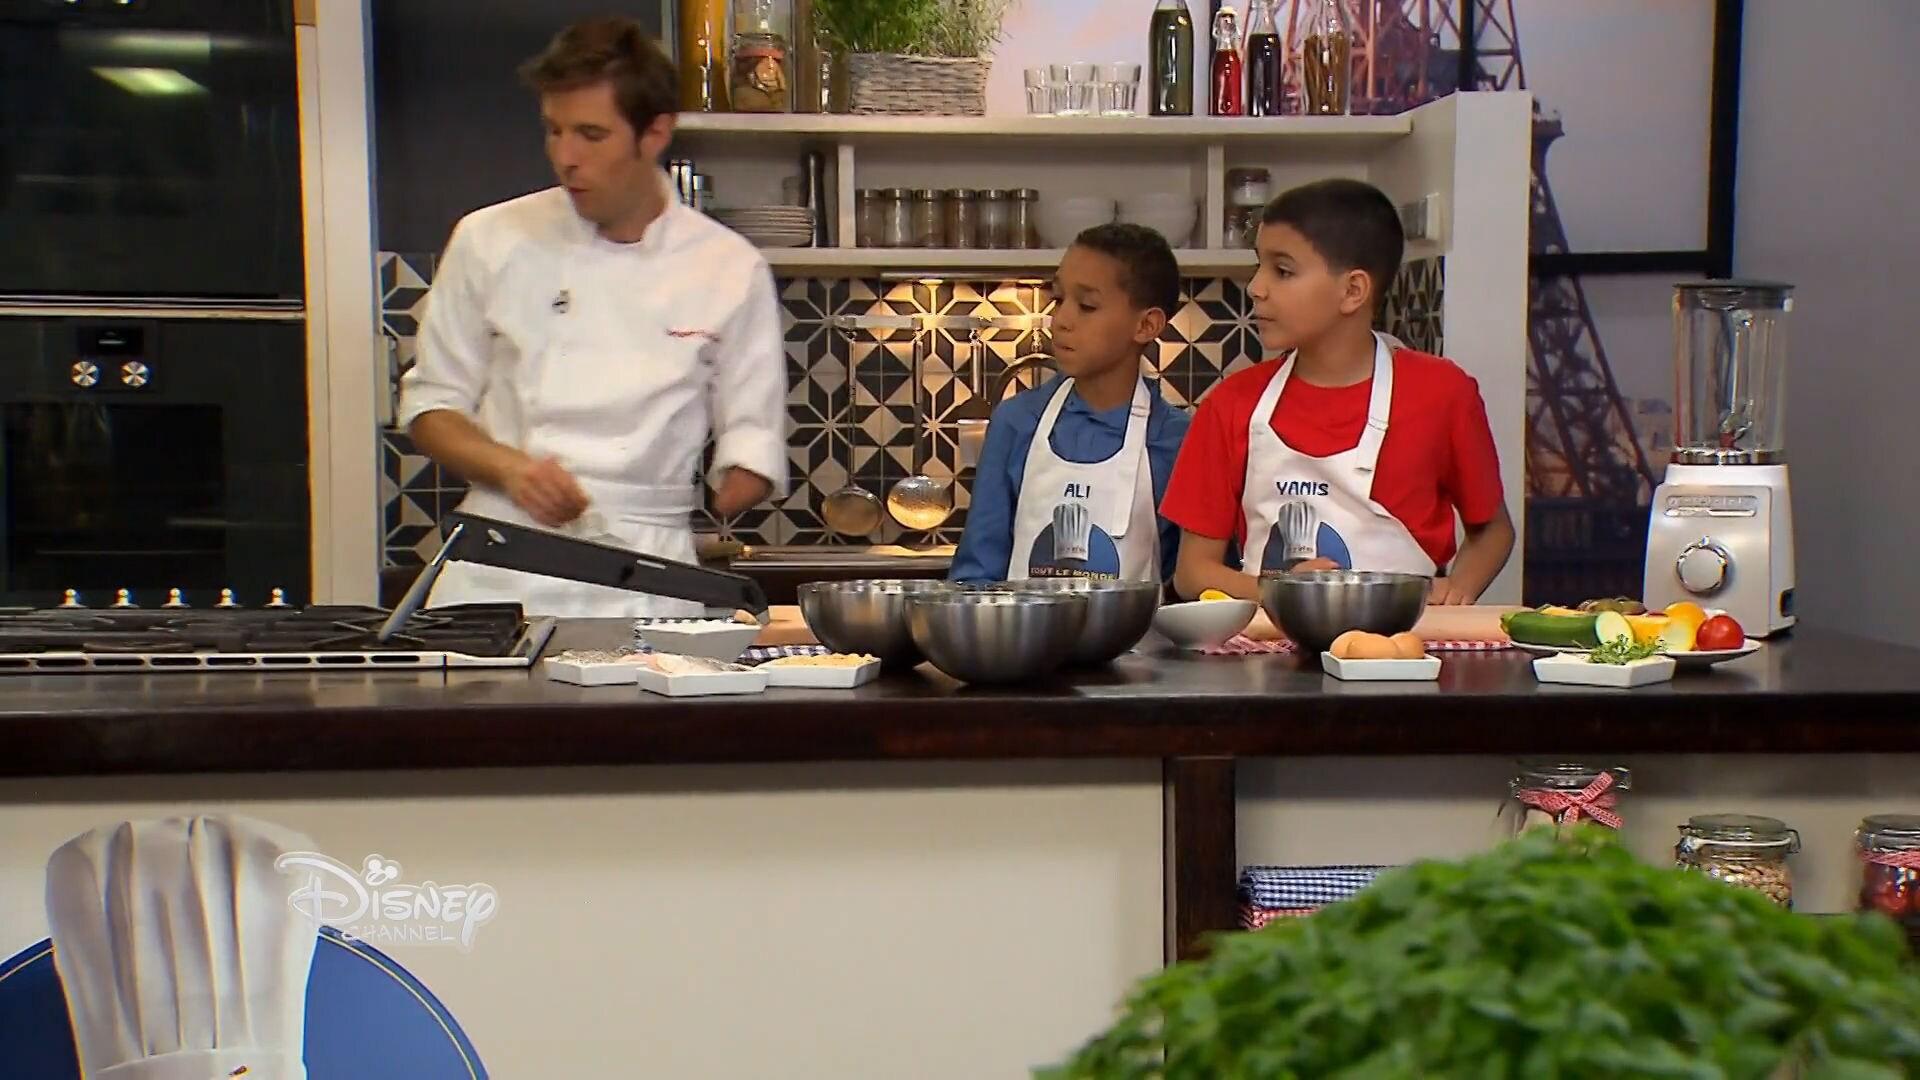 Poisson panné et son tian de légumes d'Ali et Yanis - Chez Rémy Tout Le Monde Peut Cuisiner - Partie 2